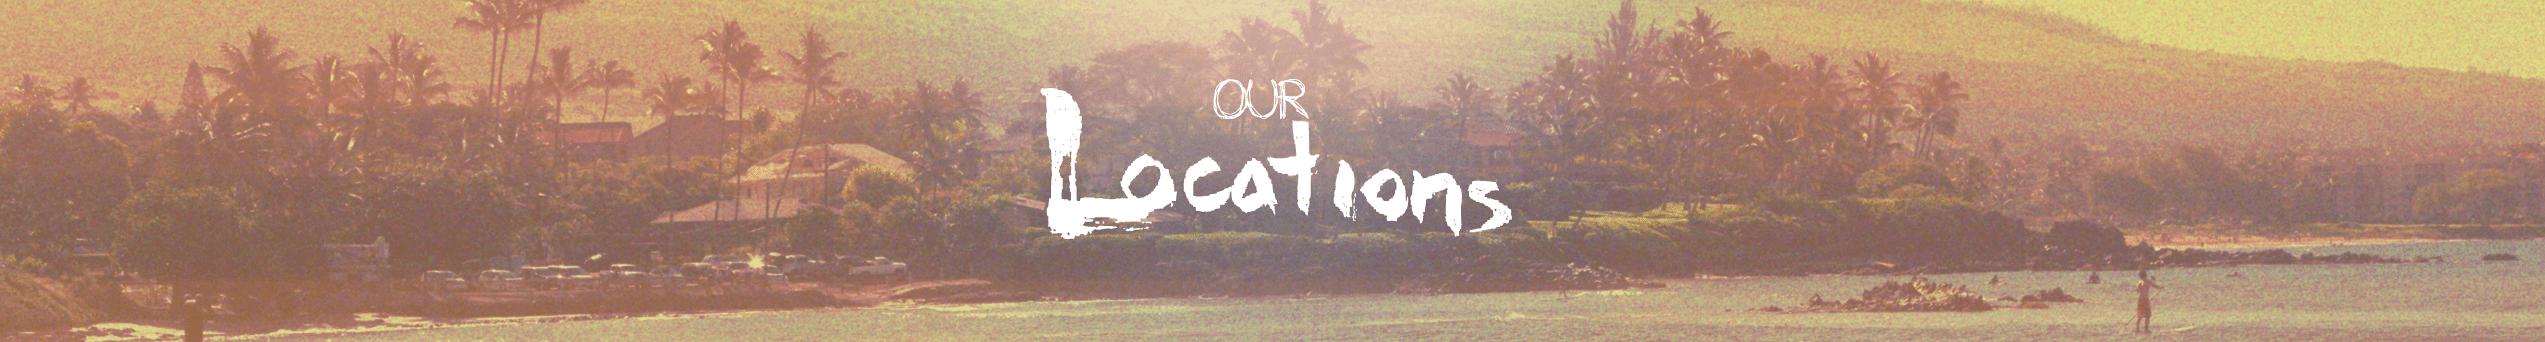 header-locations